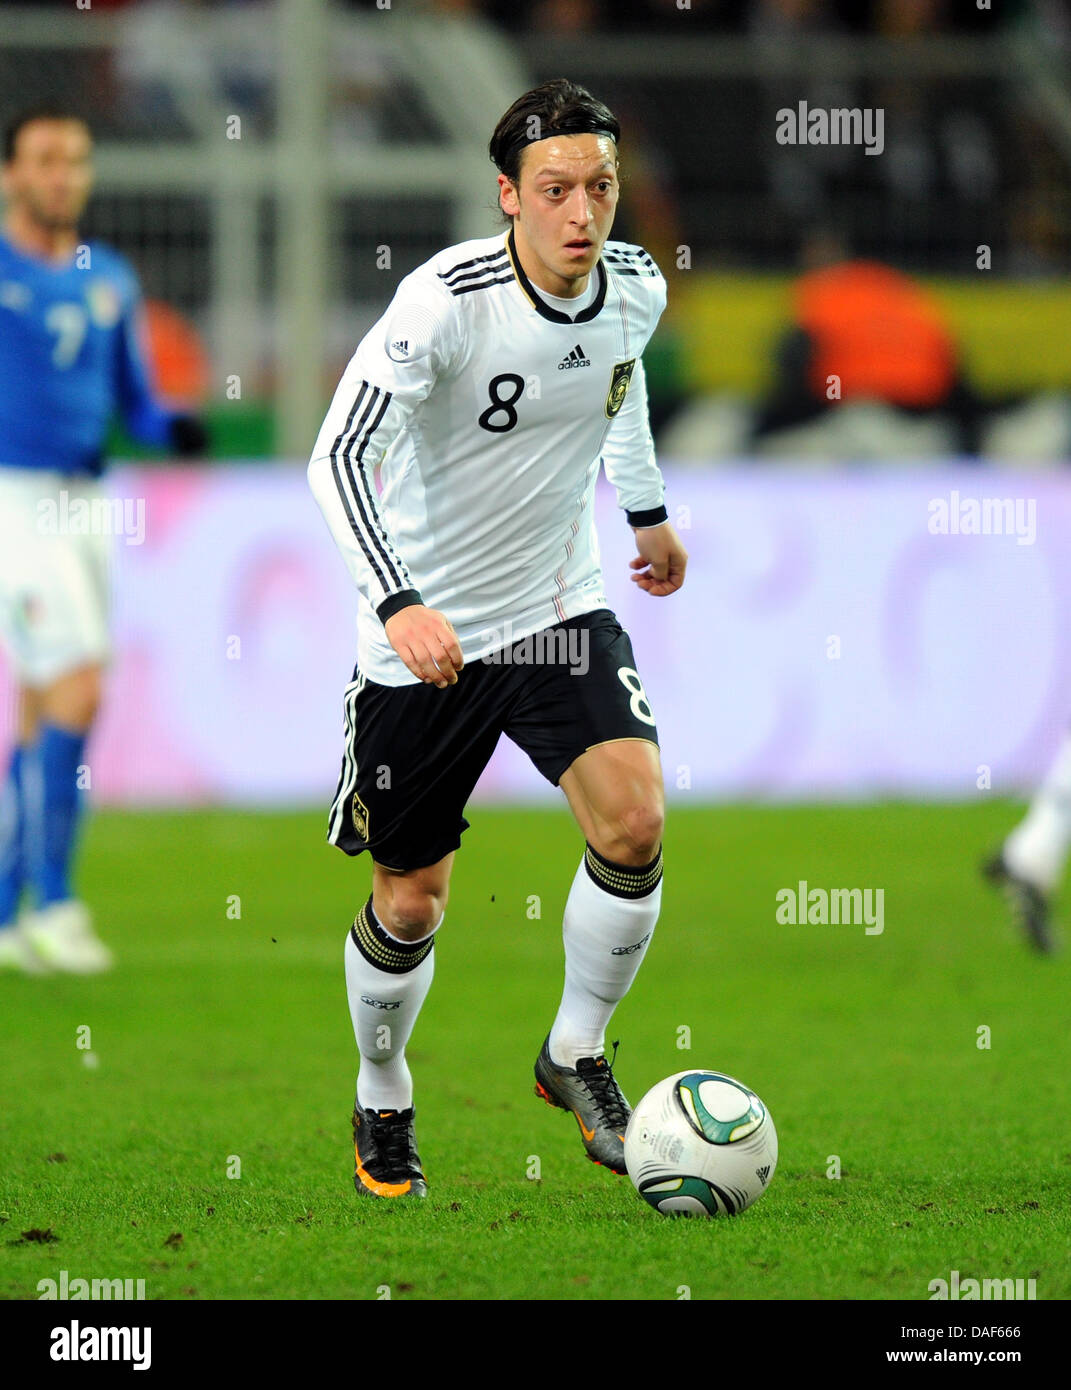 Fußball Länderspiel: Deutschland - Italien am Mittwoch (09.02.2011) im Signal Iduna Park in Dortmund. - Stock Image